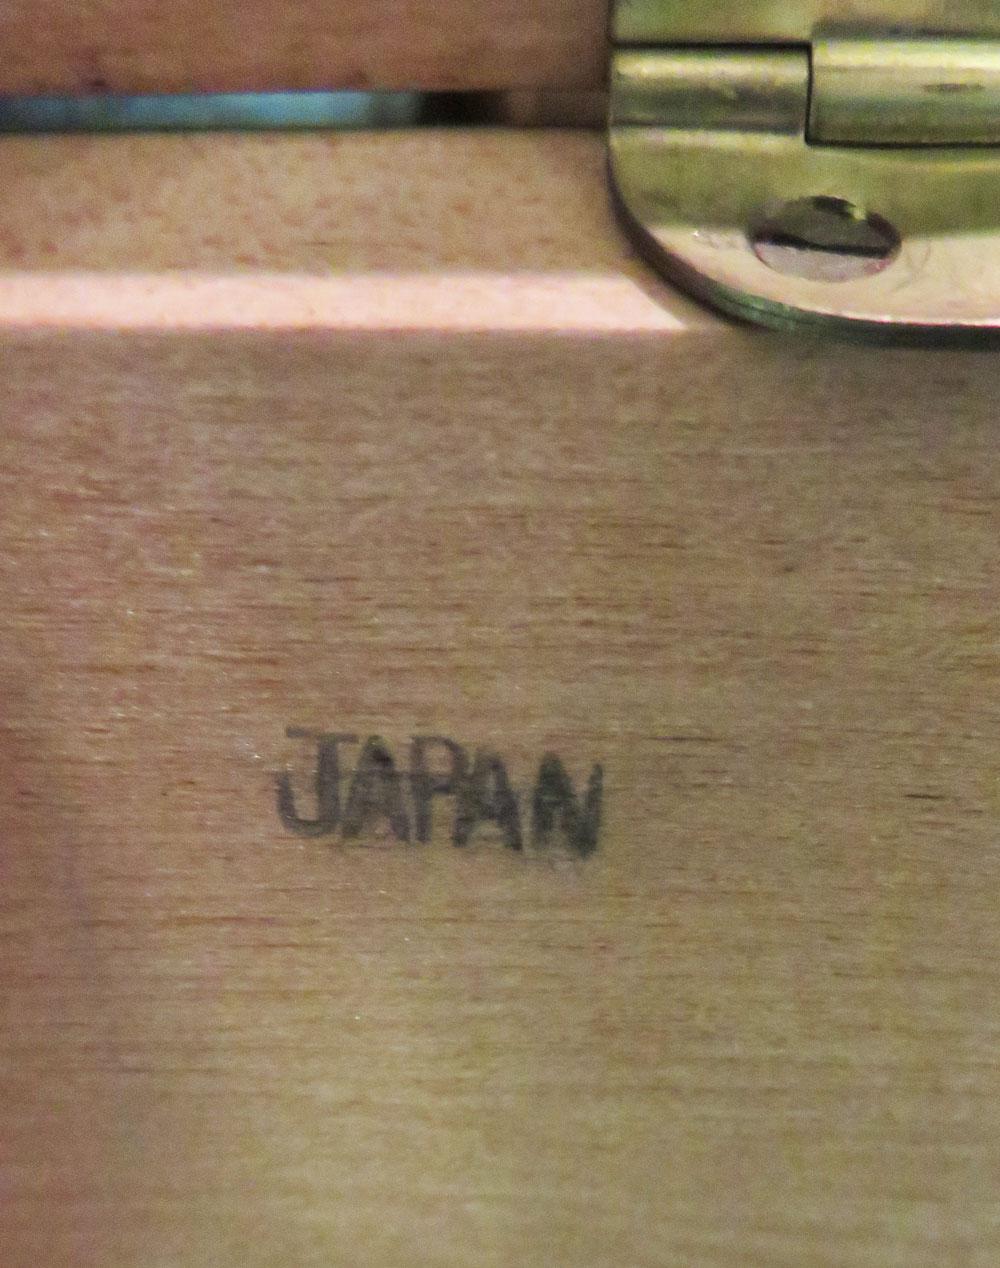 箱の下にはJapanの刻印。